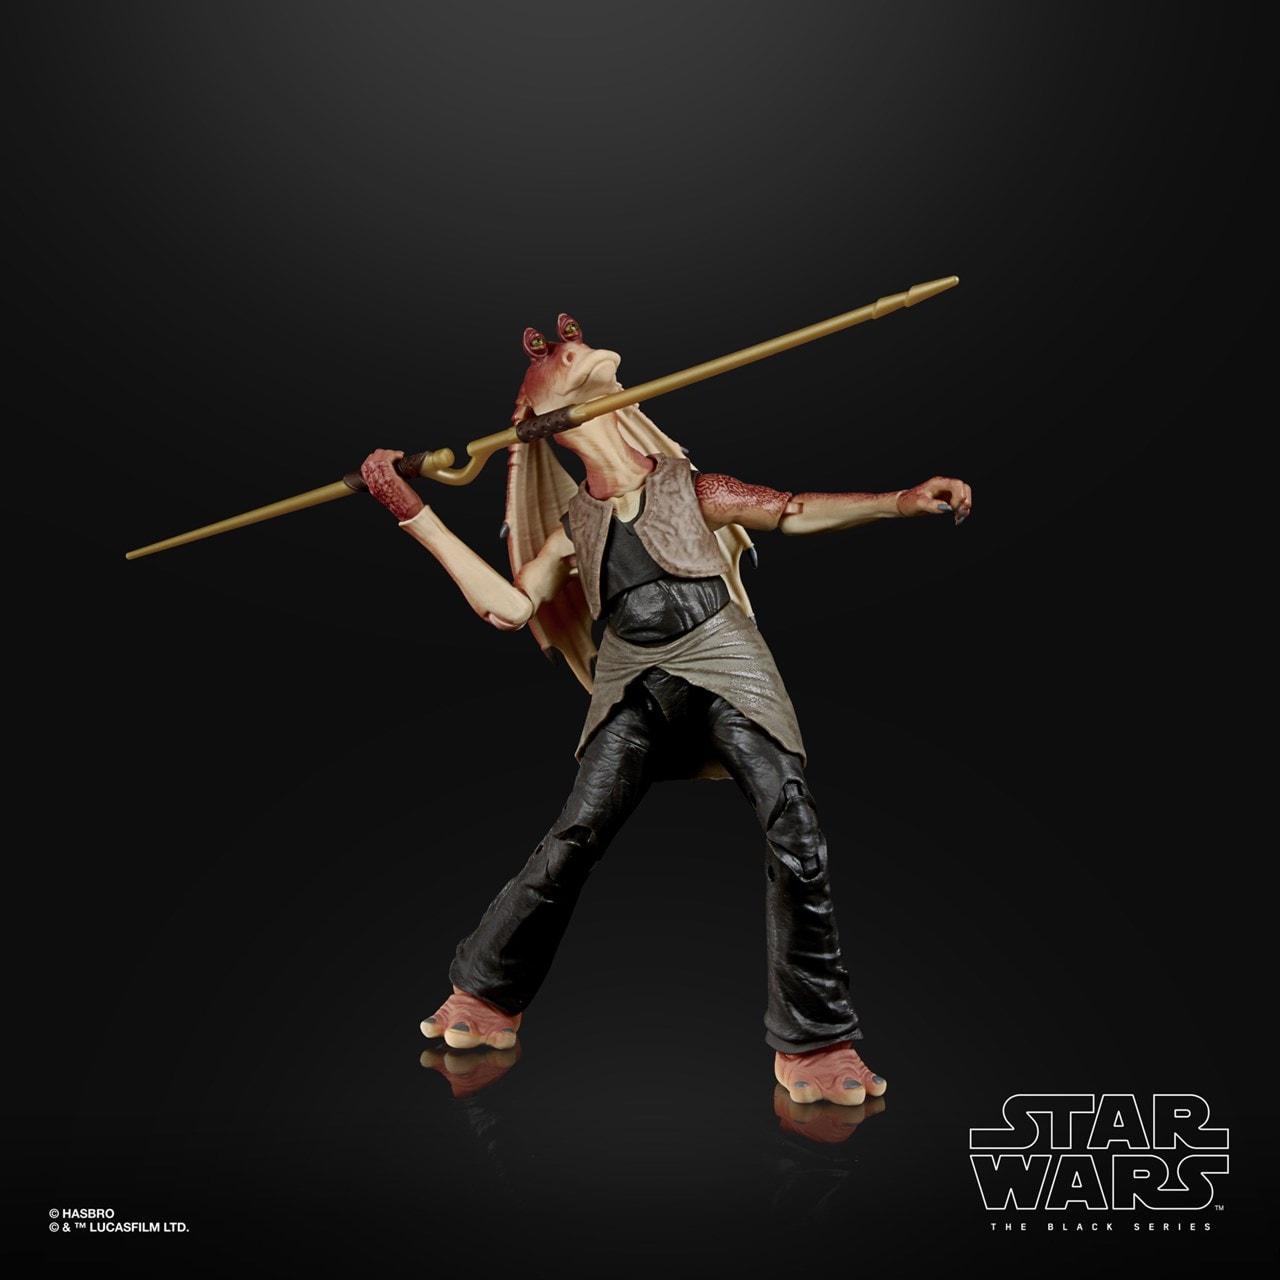 Jar Jar Binks: Deluxe: The Black Series: Star Wars Action Figure - 3